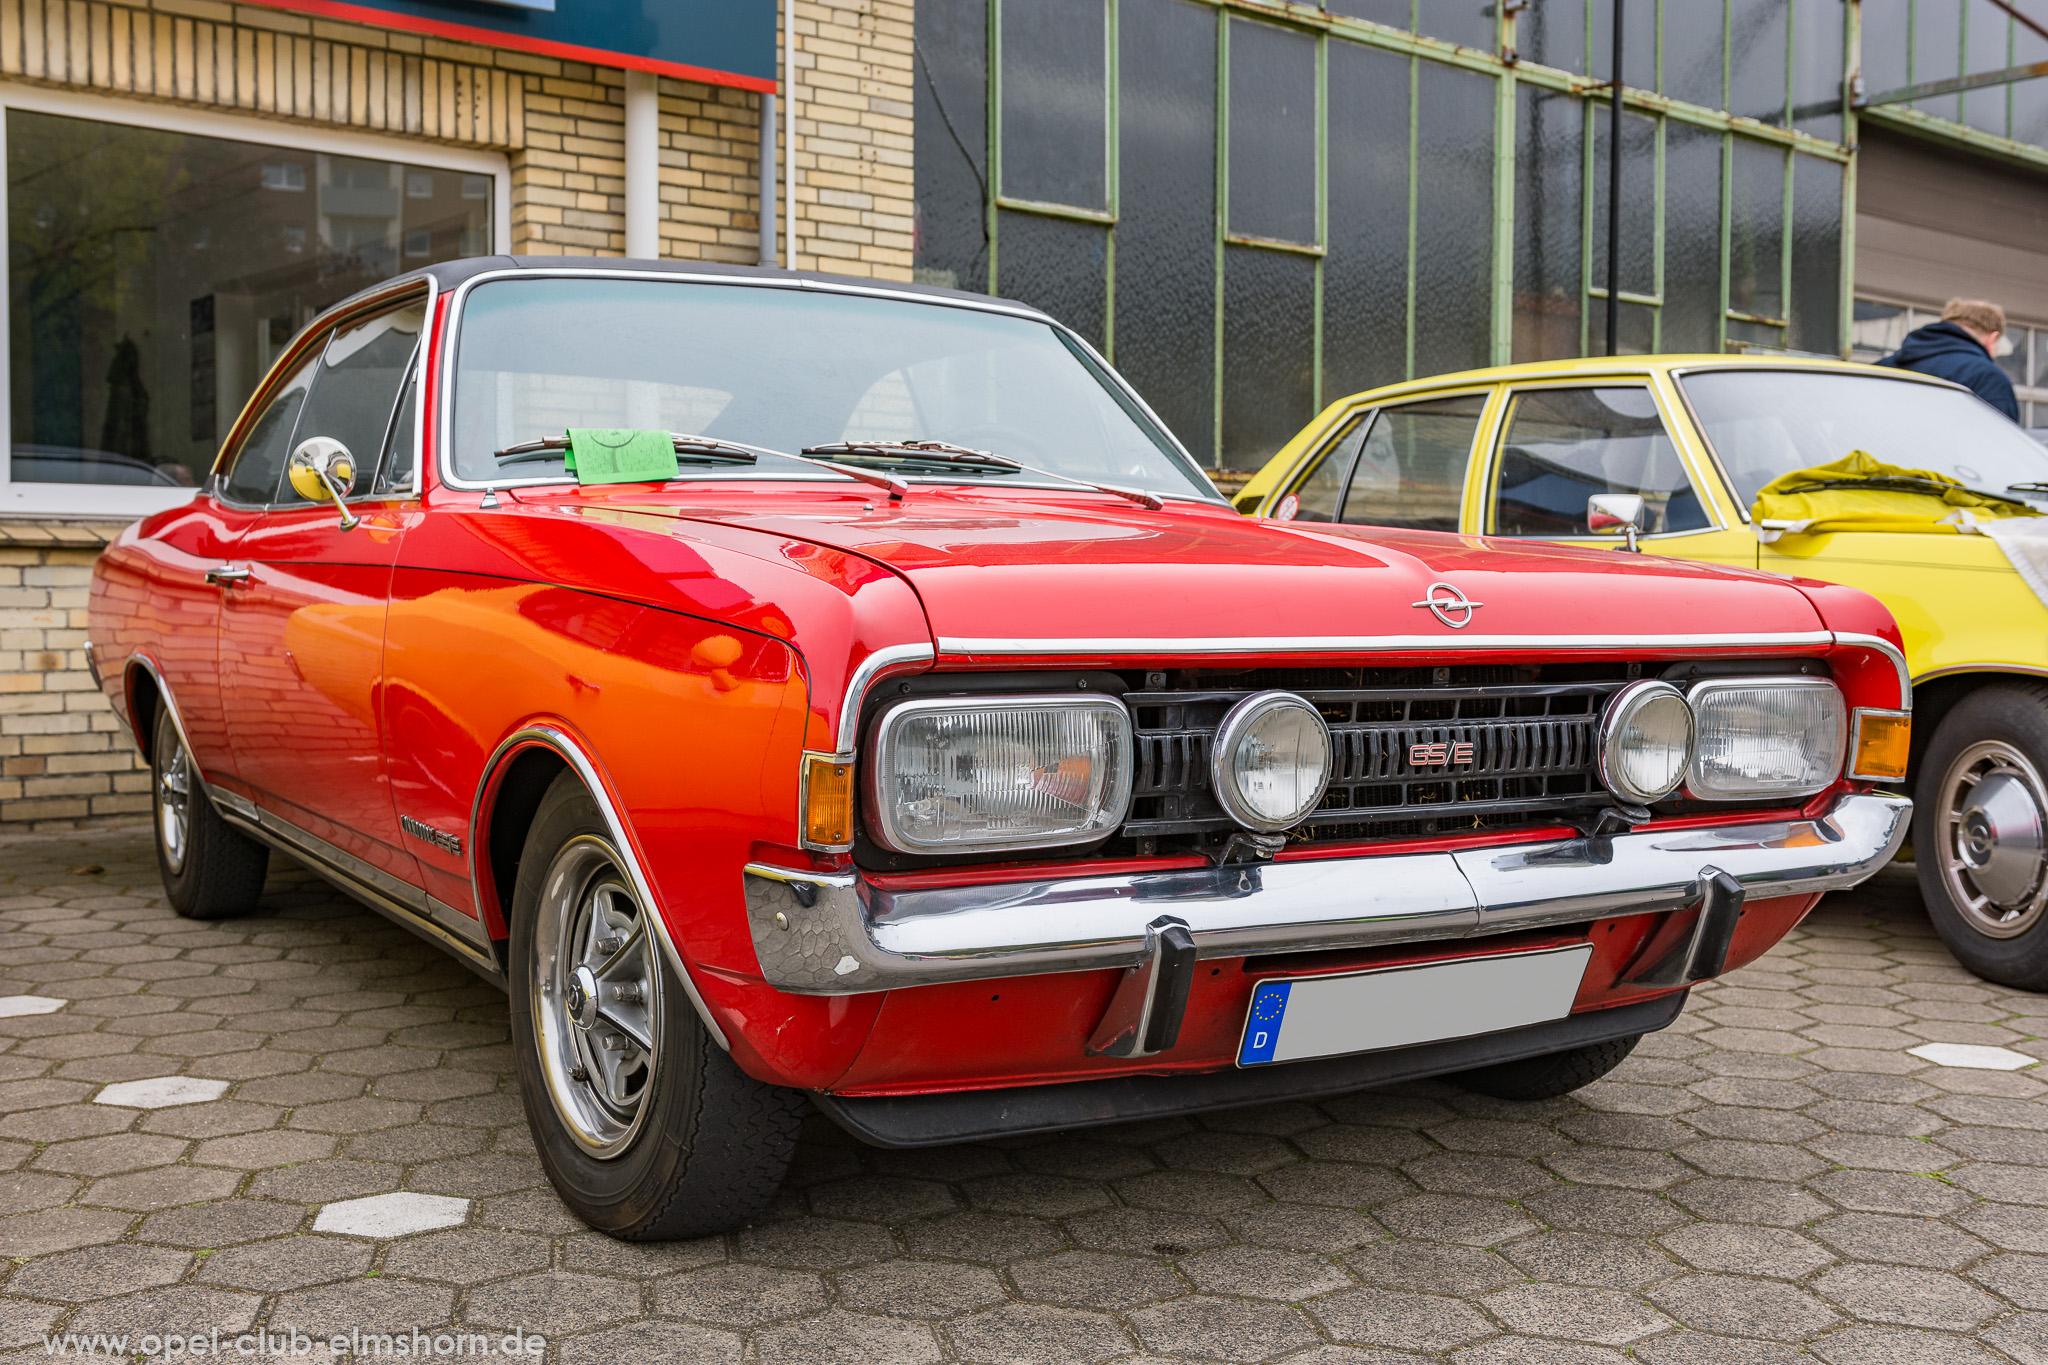 Altopeltreffen Wedel 2019 - 20190501_113853 - Opel Commodore A